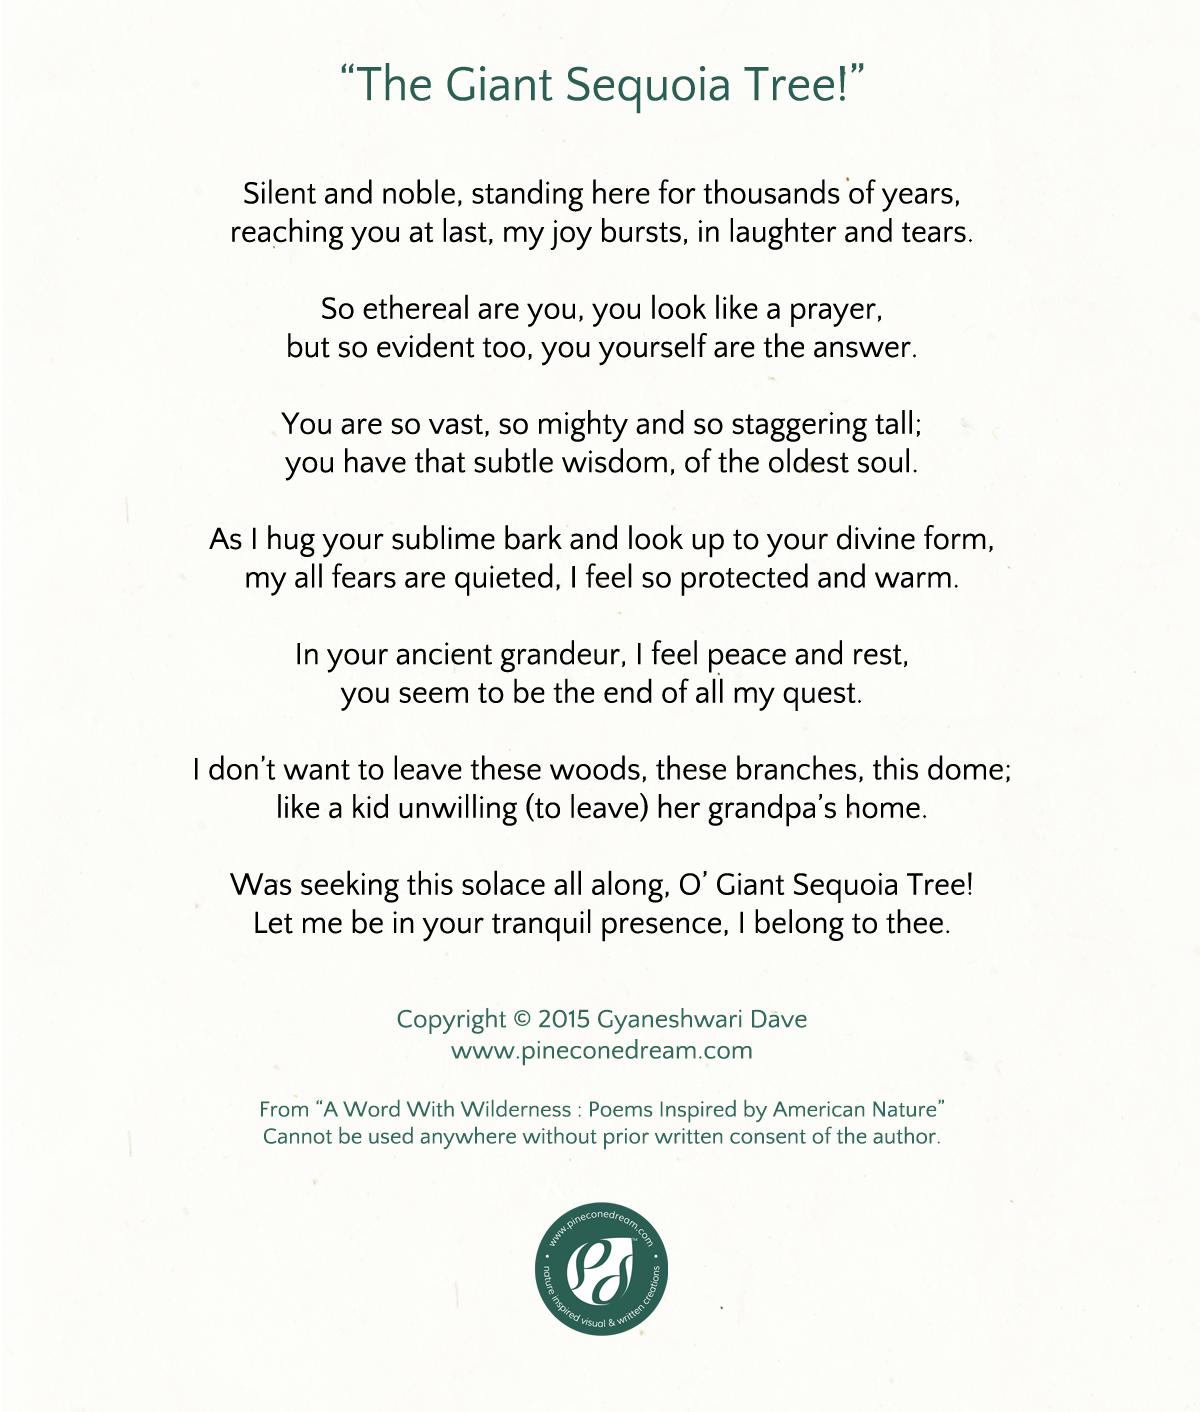 GyaneshwariDave_Poetry_GiantSequoia